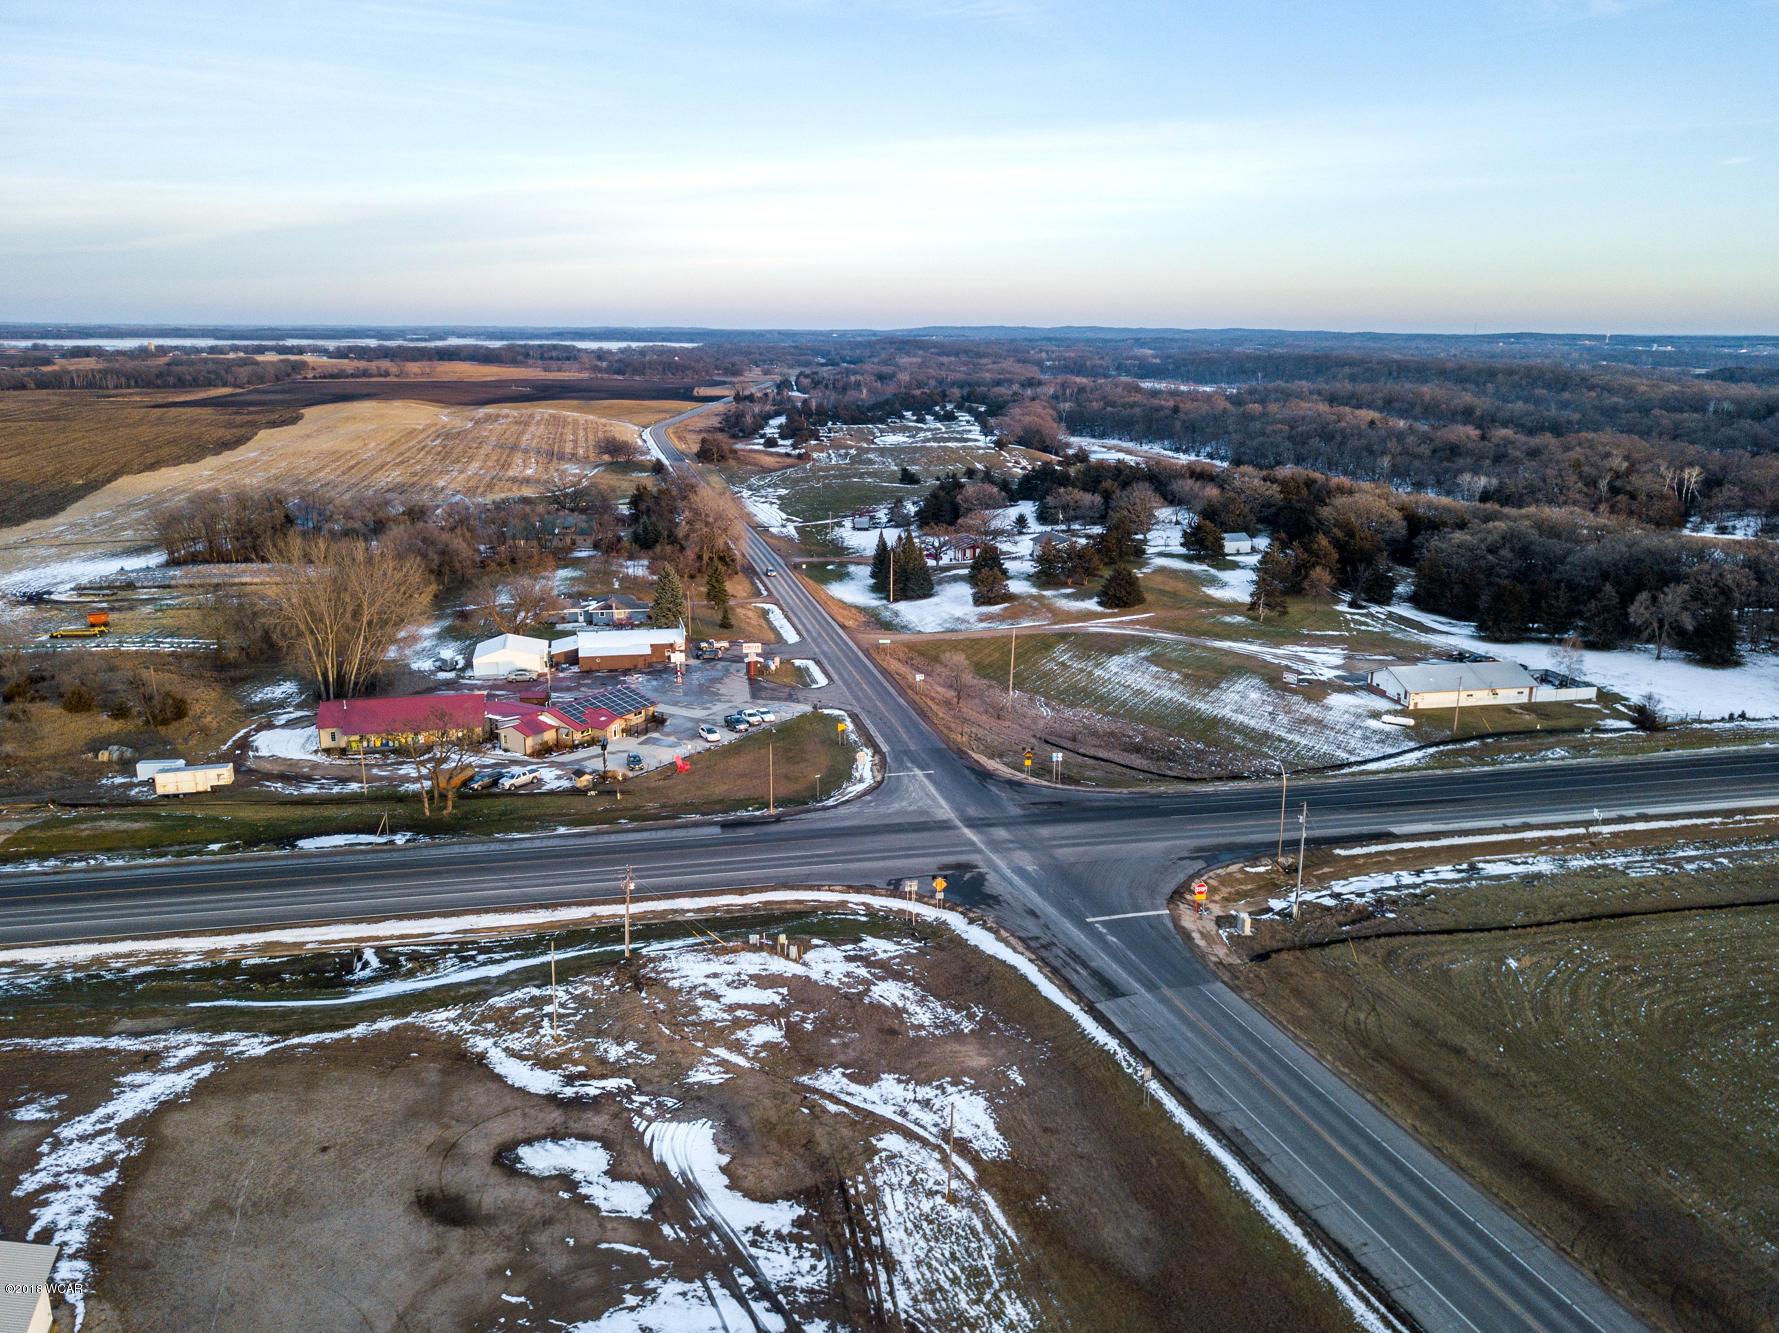 2396 NE 9 Highway,New London,Commercial,NE 9 Highway,6032964